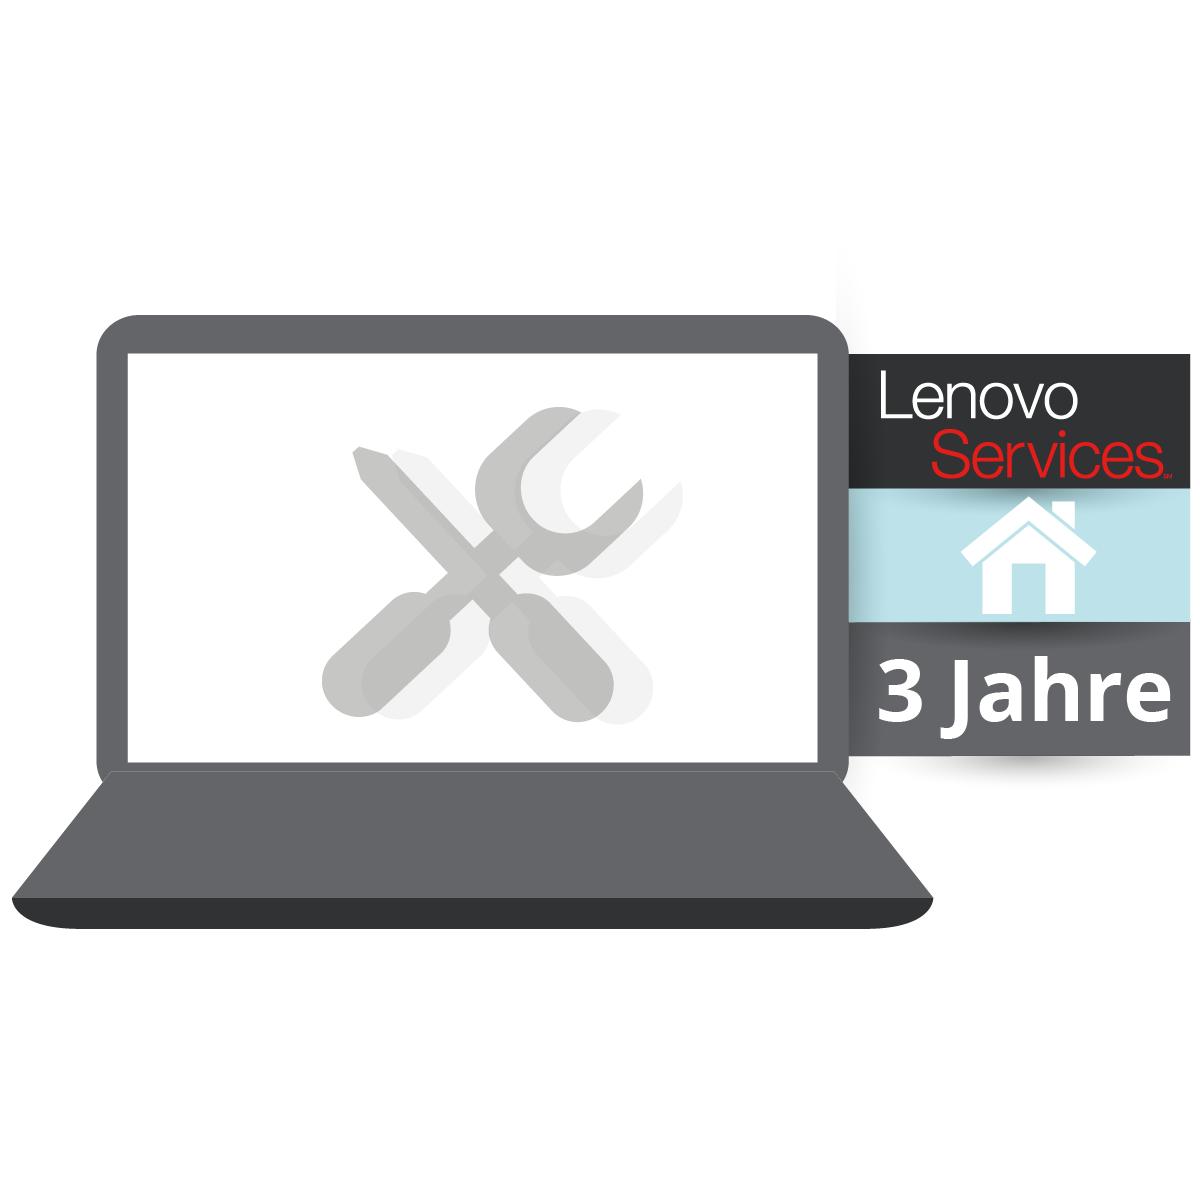 (EOL) Lenovo™ ThinkPlus® 3 Jahre Vor-Ort-Service (NBD) (Basisgarantie 3 Jahre Bring-In)